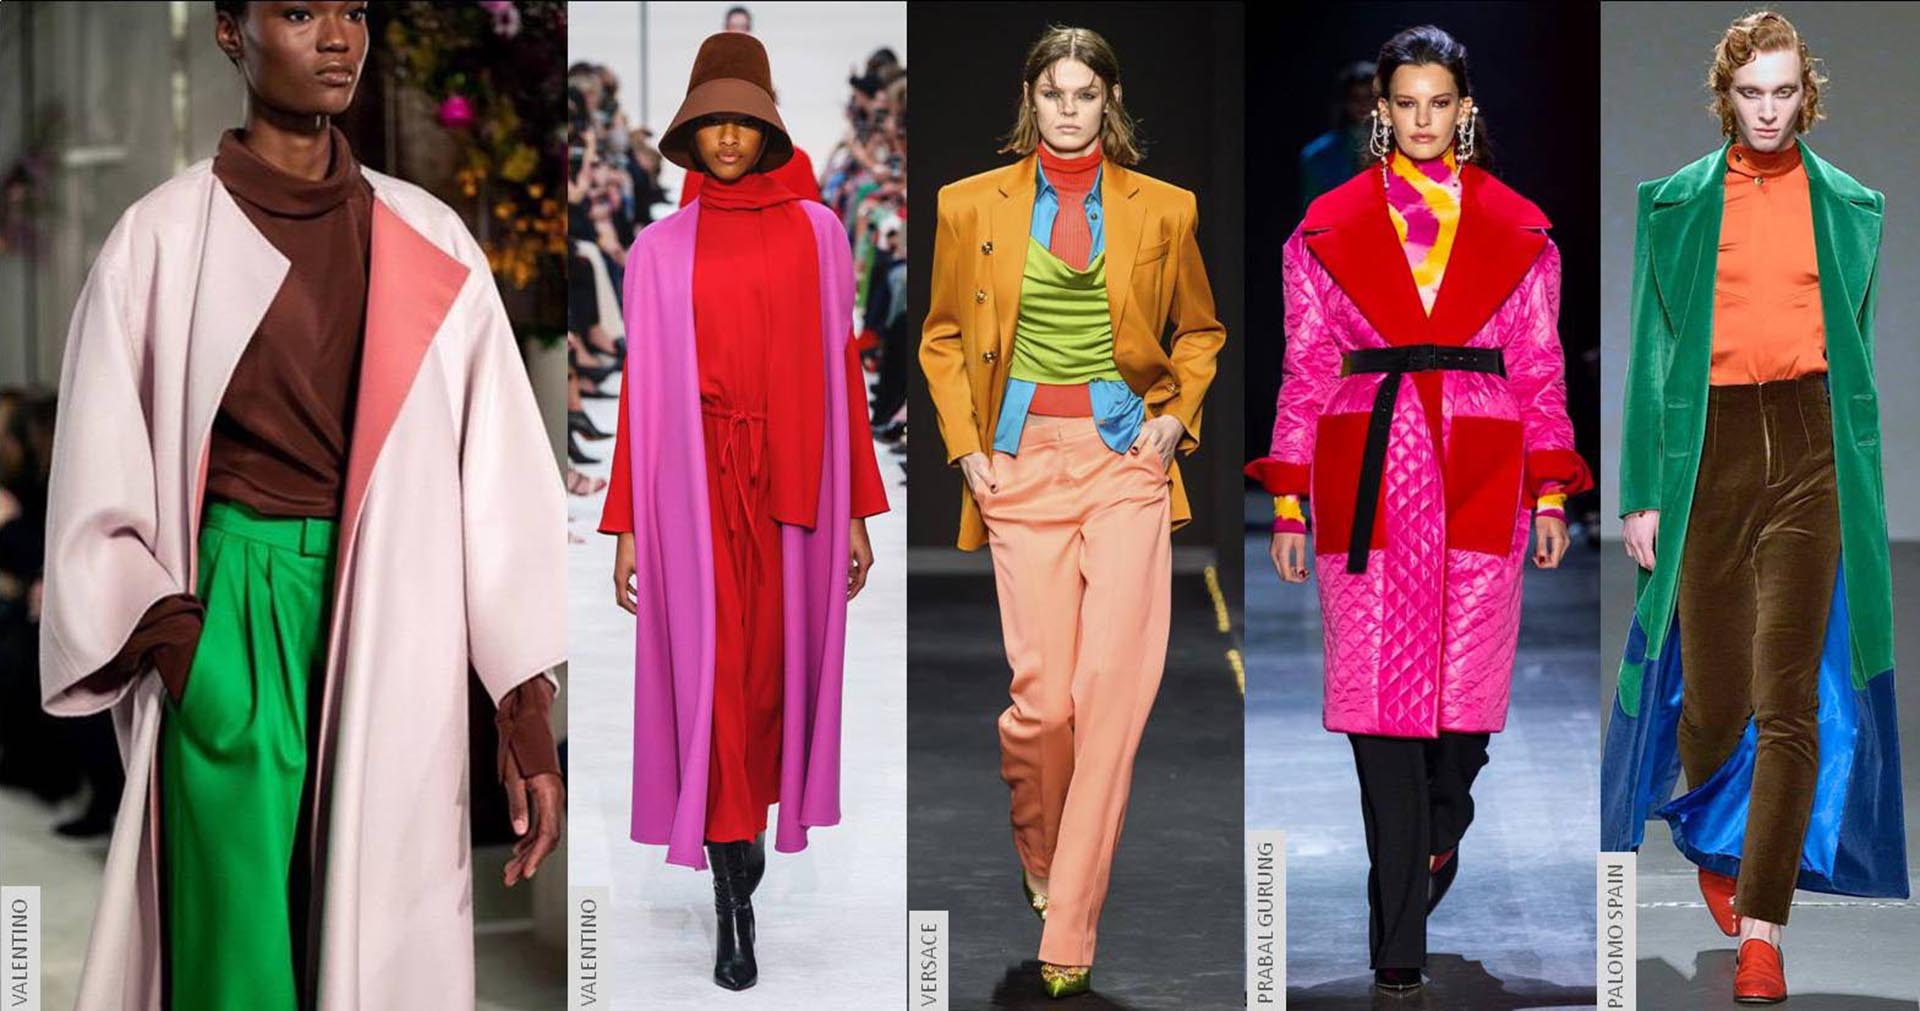 #PARA TI - COLOR - Moda - 04 - GENTILEZA INTI